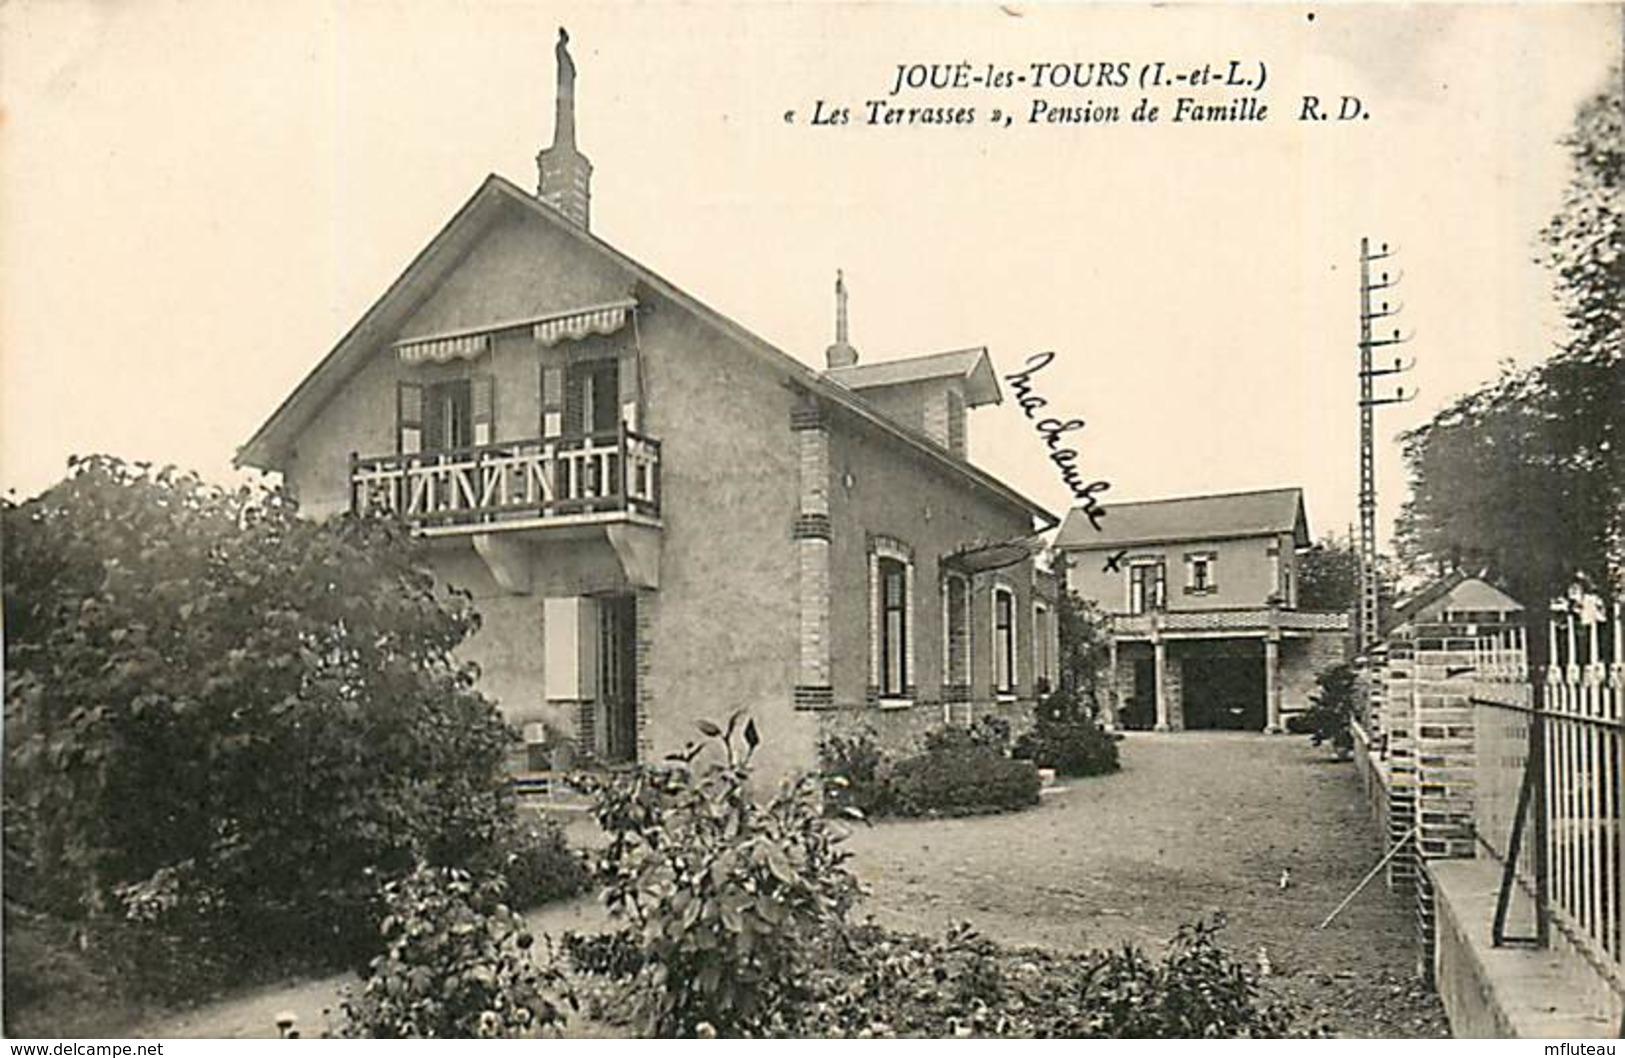 37* JOUE LES TOURS «les Terrasses» Pension                      MA85-0394 - Frankreich